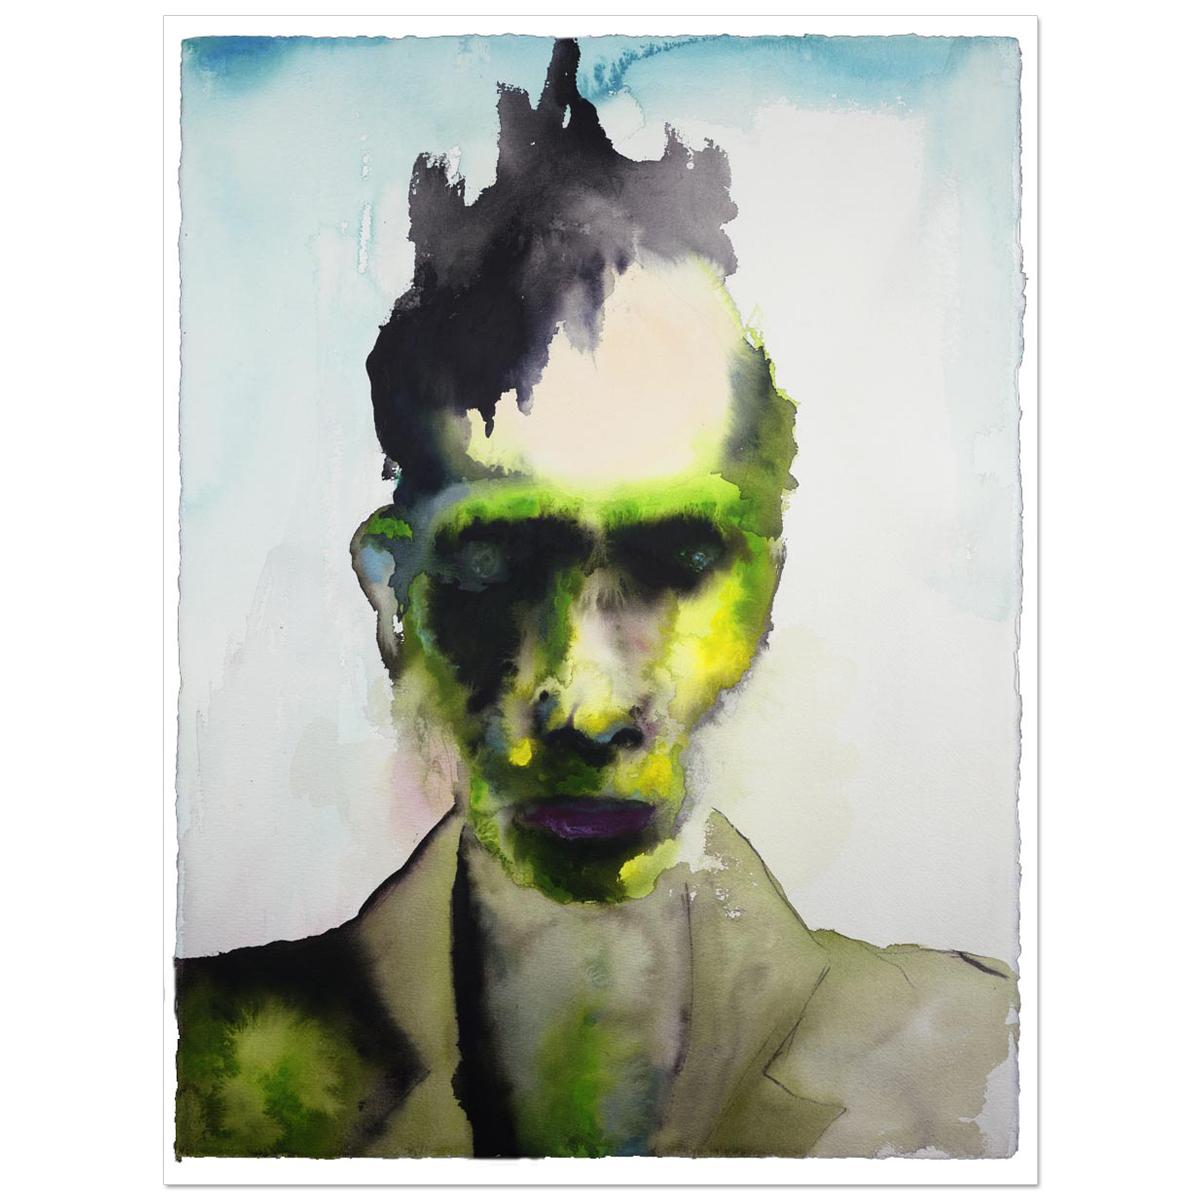 Buy Marilyn Manson Paintings